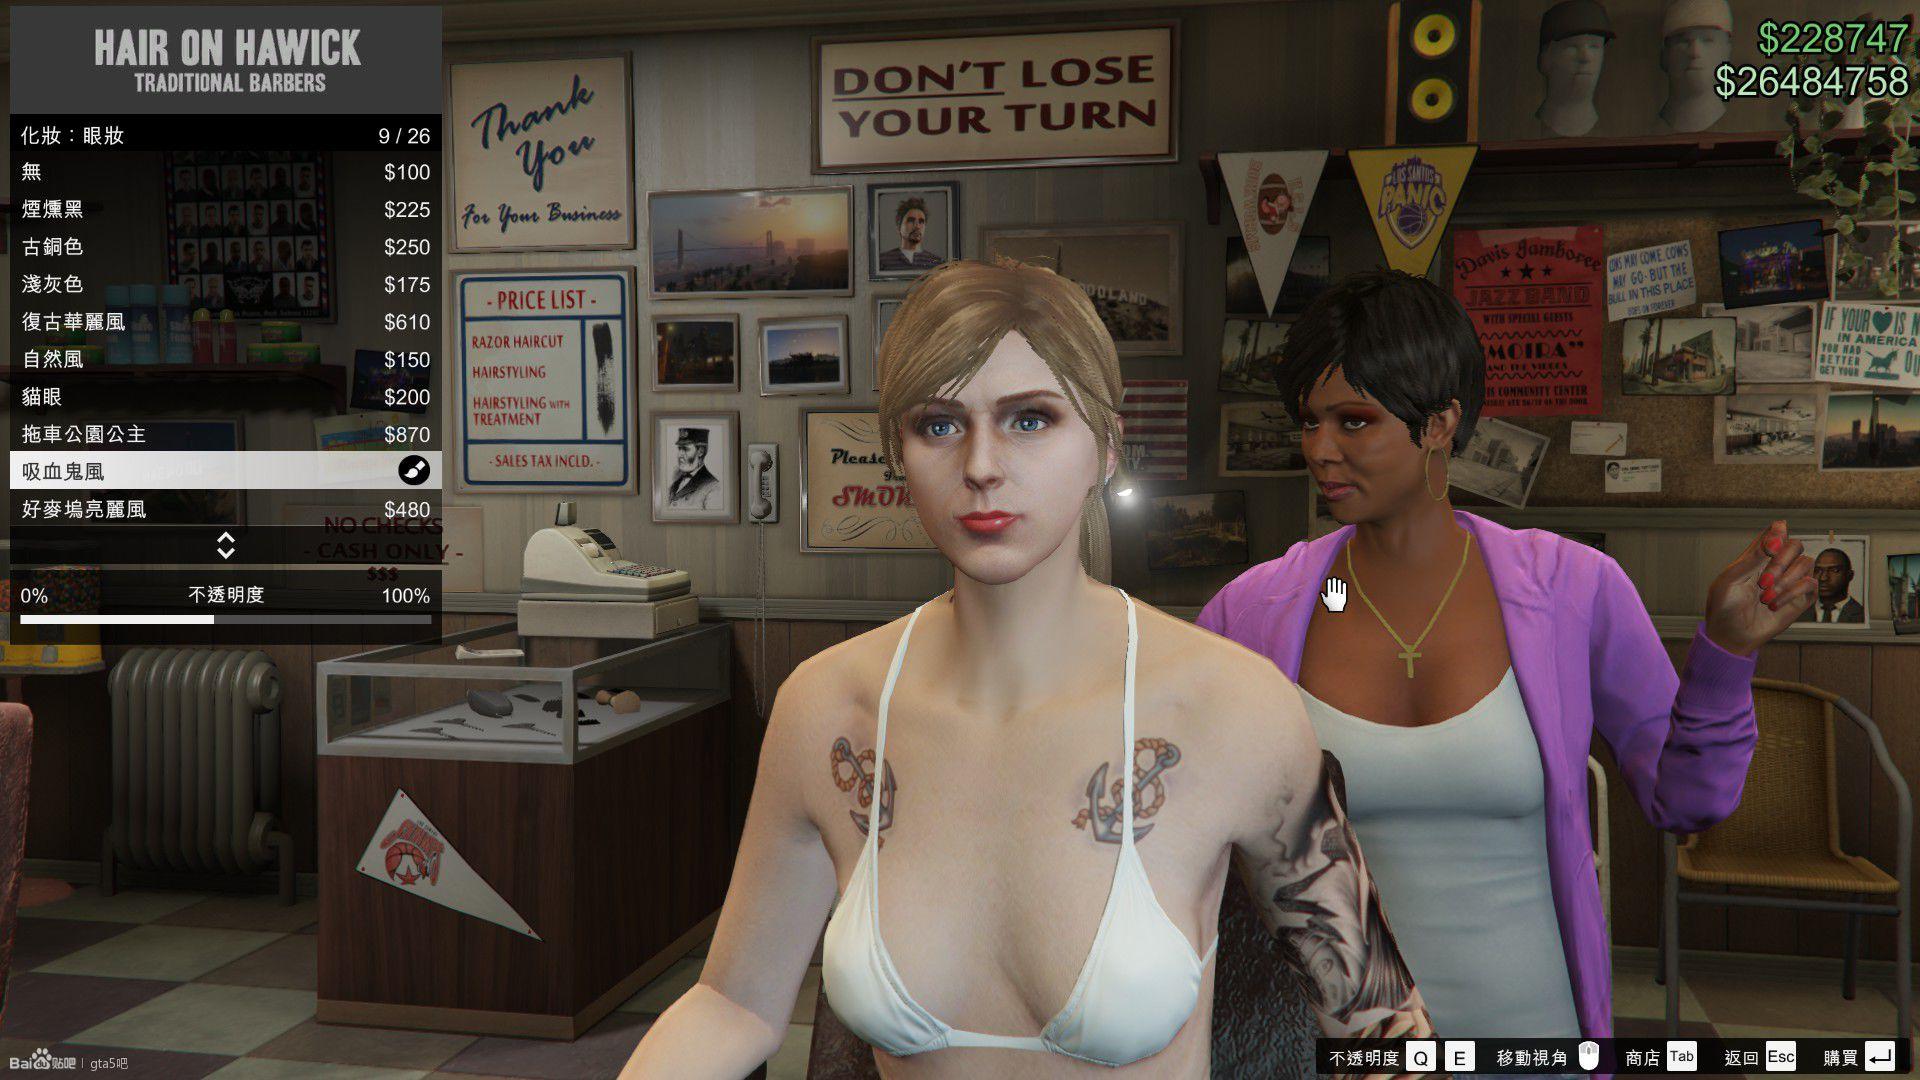 【捏脸】GTA5女角色捏脸数据插图(18)